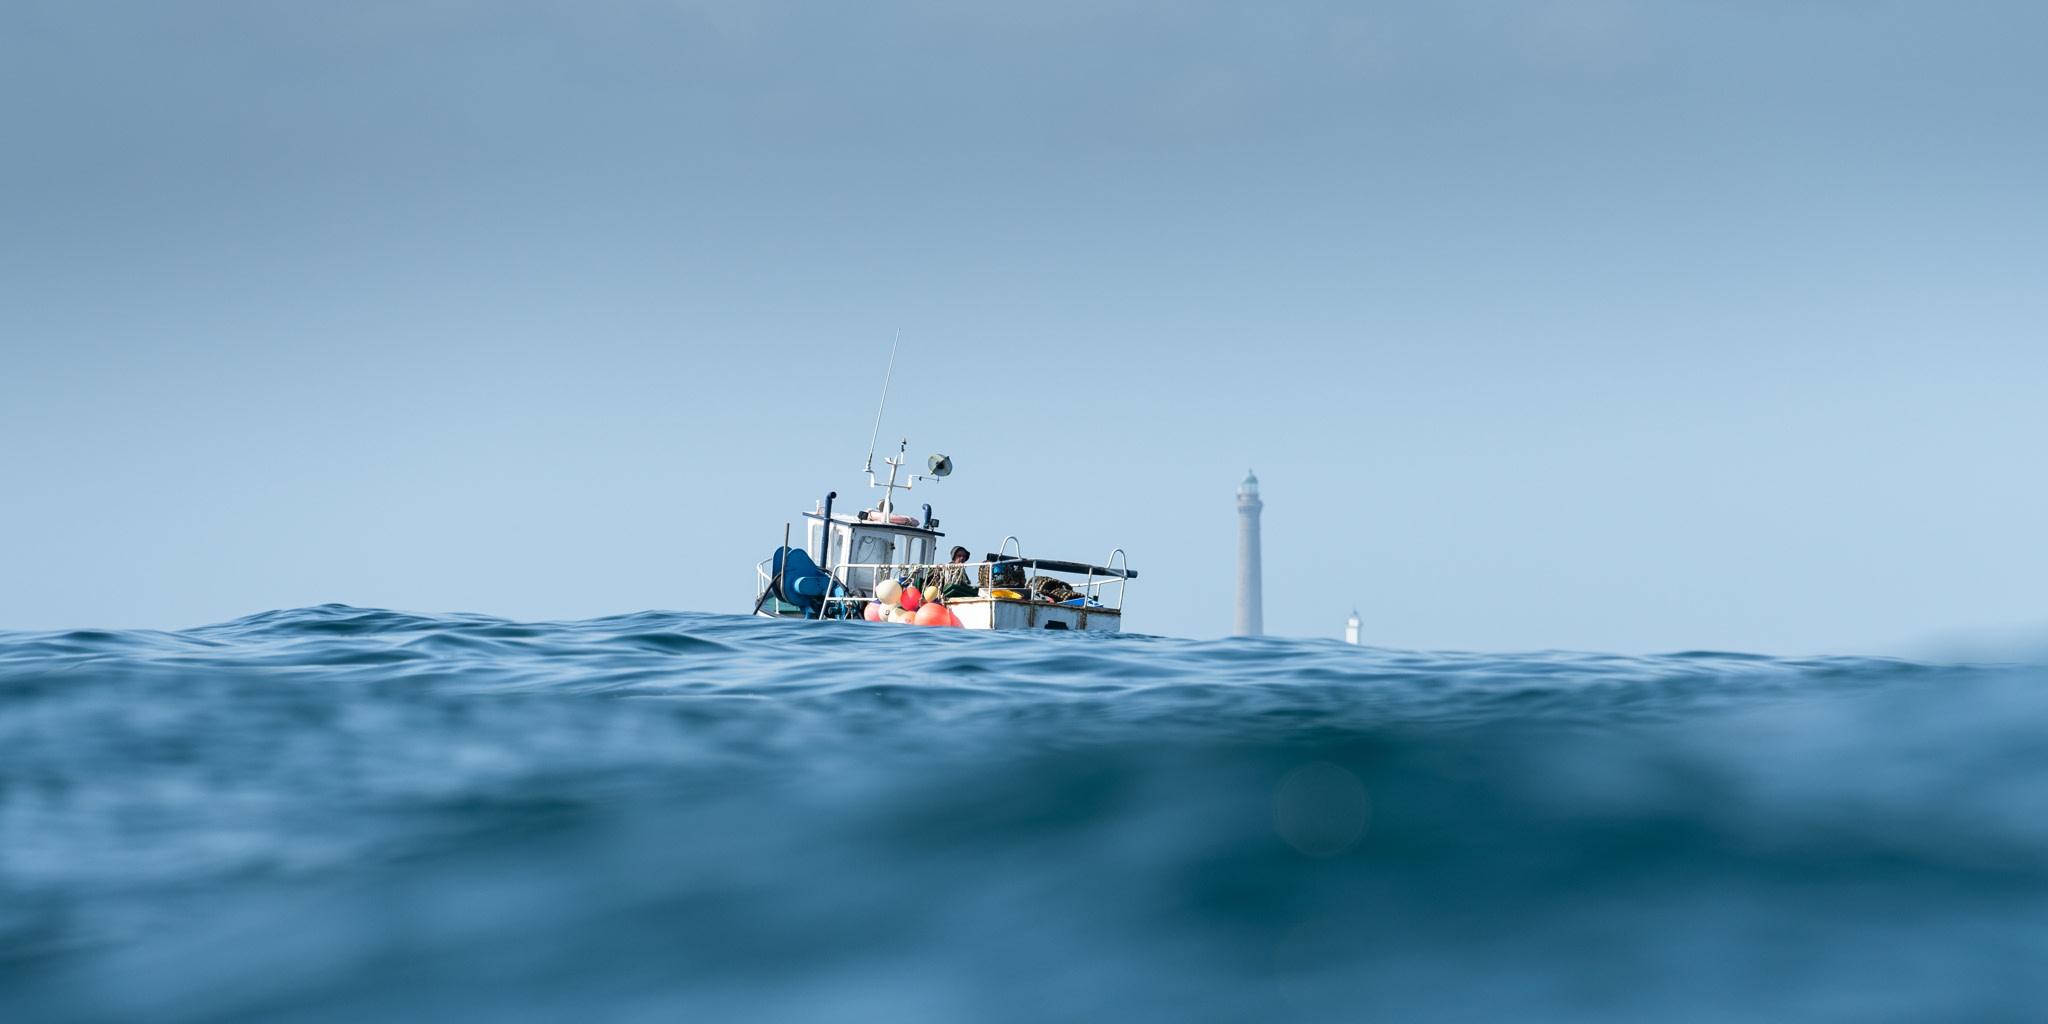 Photographie maritime DSC8748